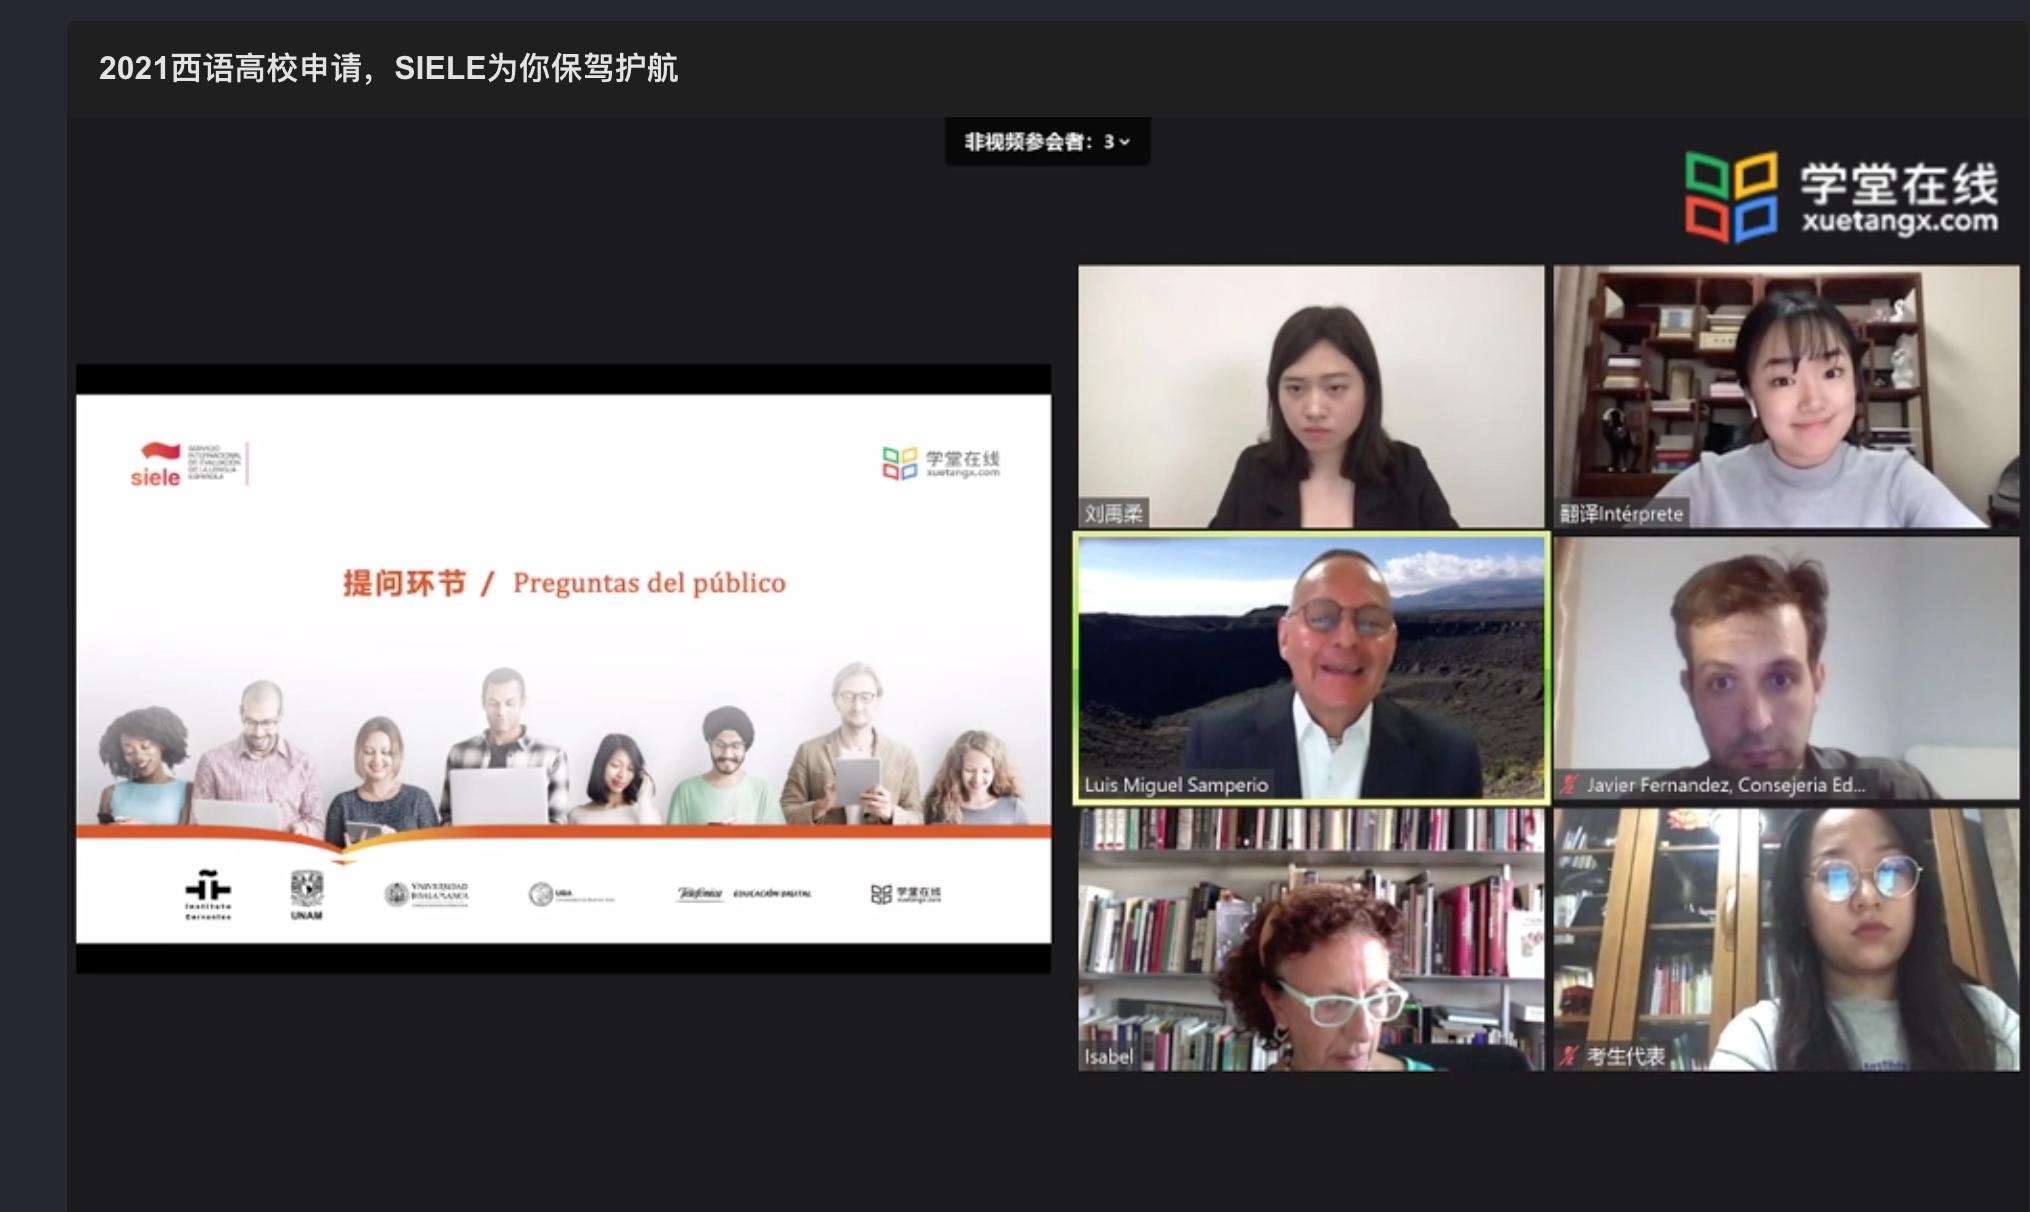 Realizan en línea foro SIELE dirigido al público de China